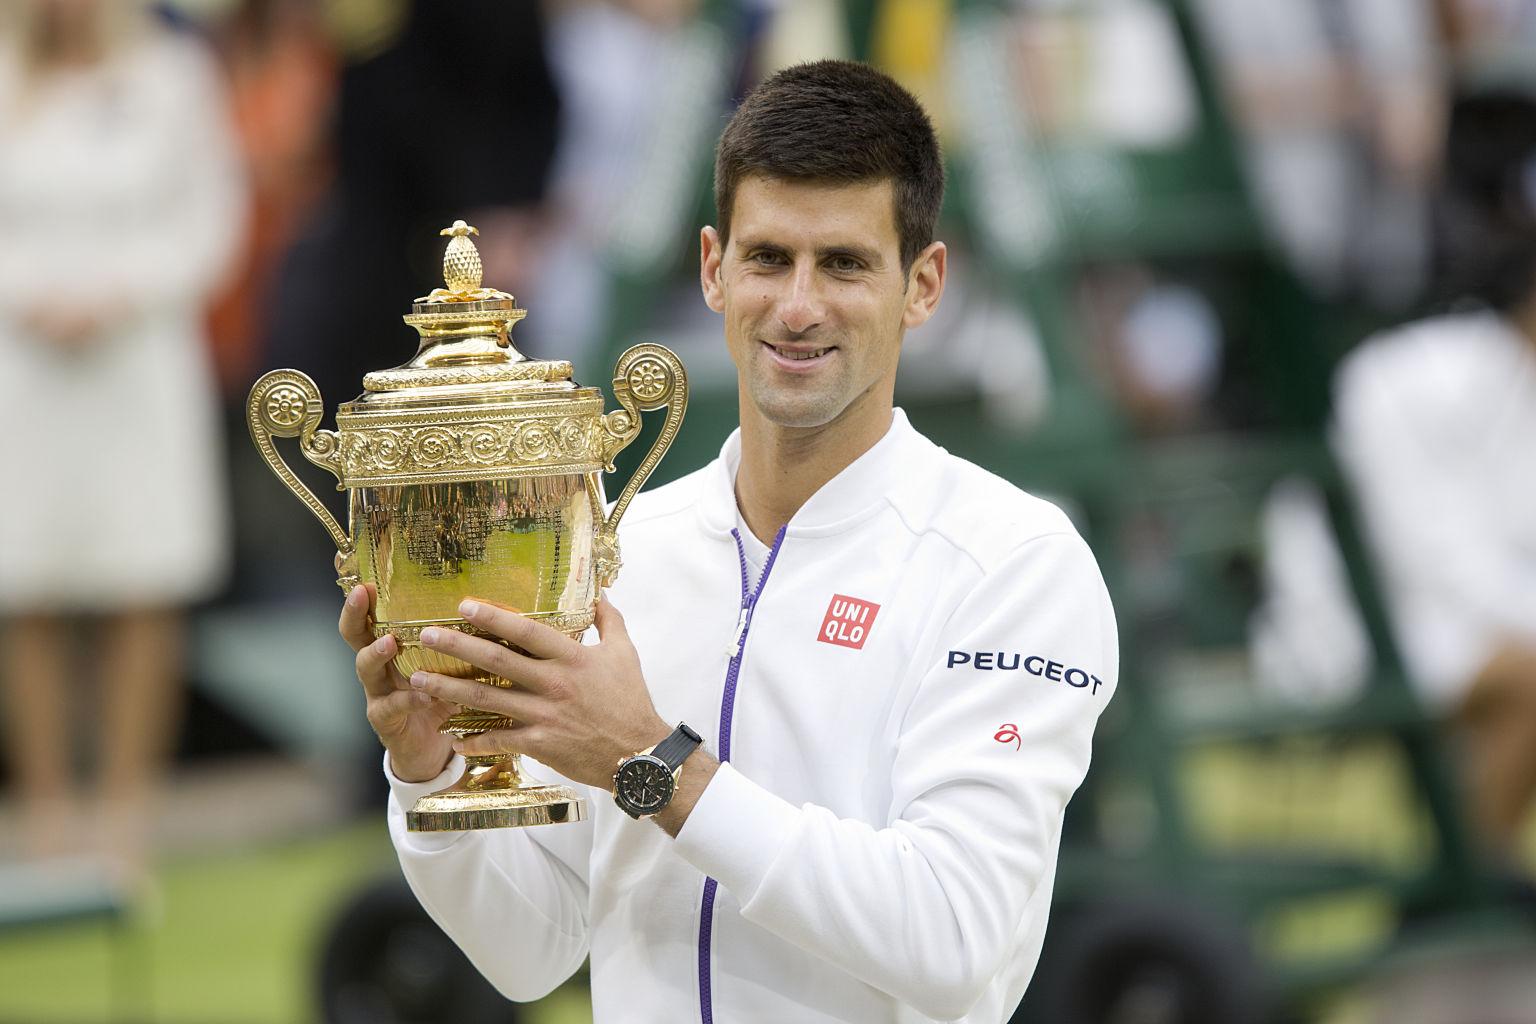 Zwar konnte Novak Djokovic seinen Titel in Wimbledon verteidigen, von seinen zwei Millionen Pfund Preisgeld wird allerdings nichts übrig bleiben.